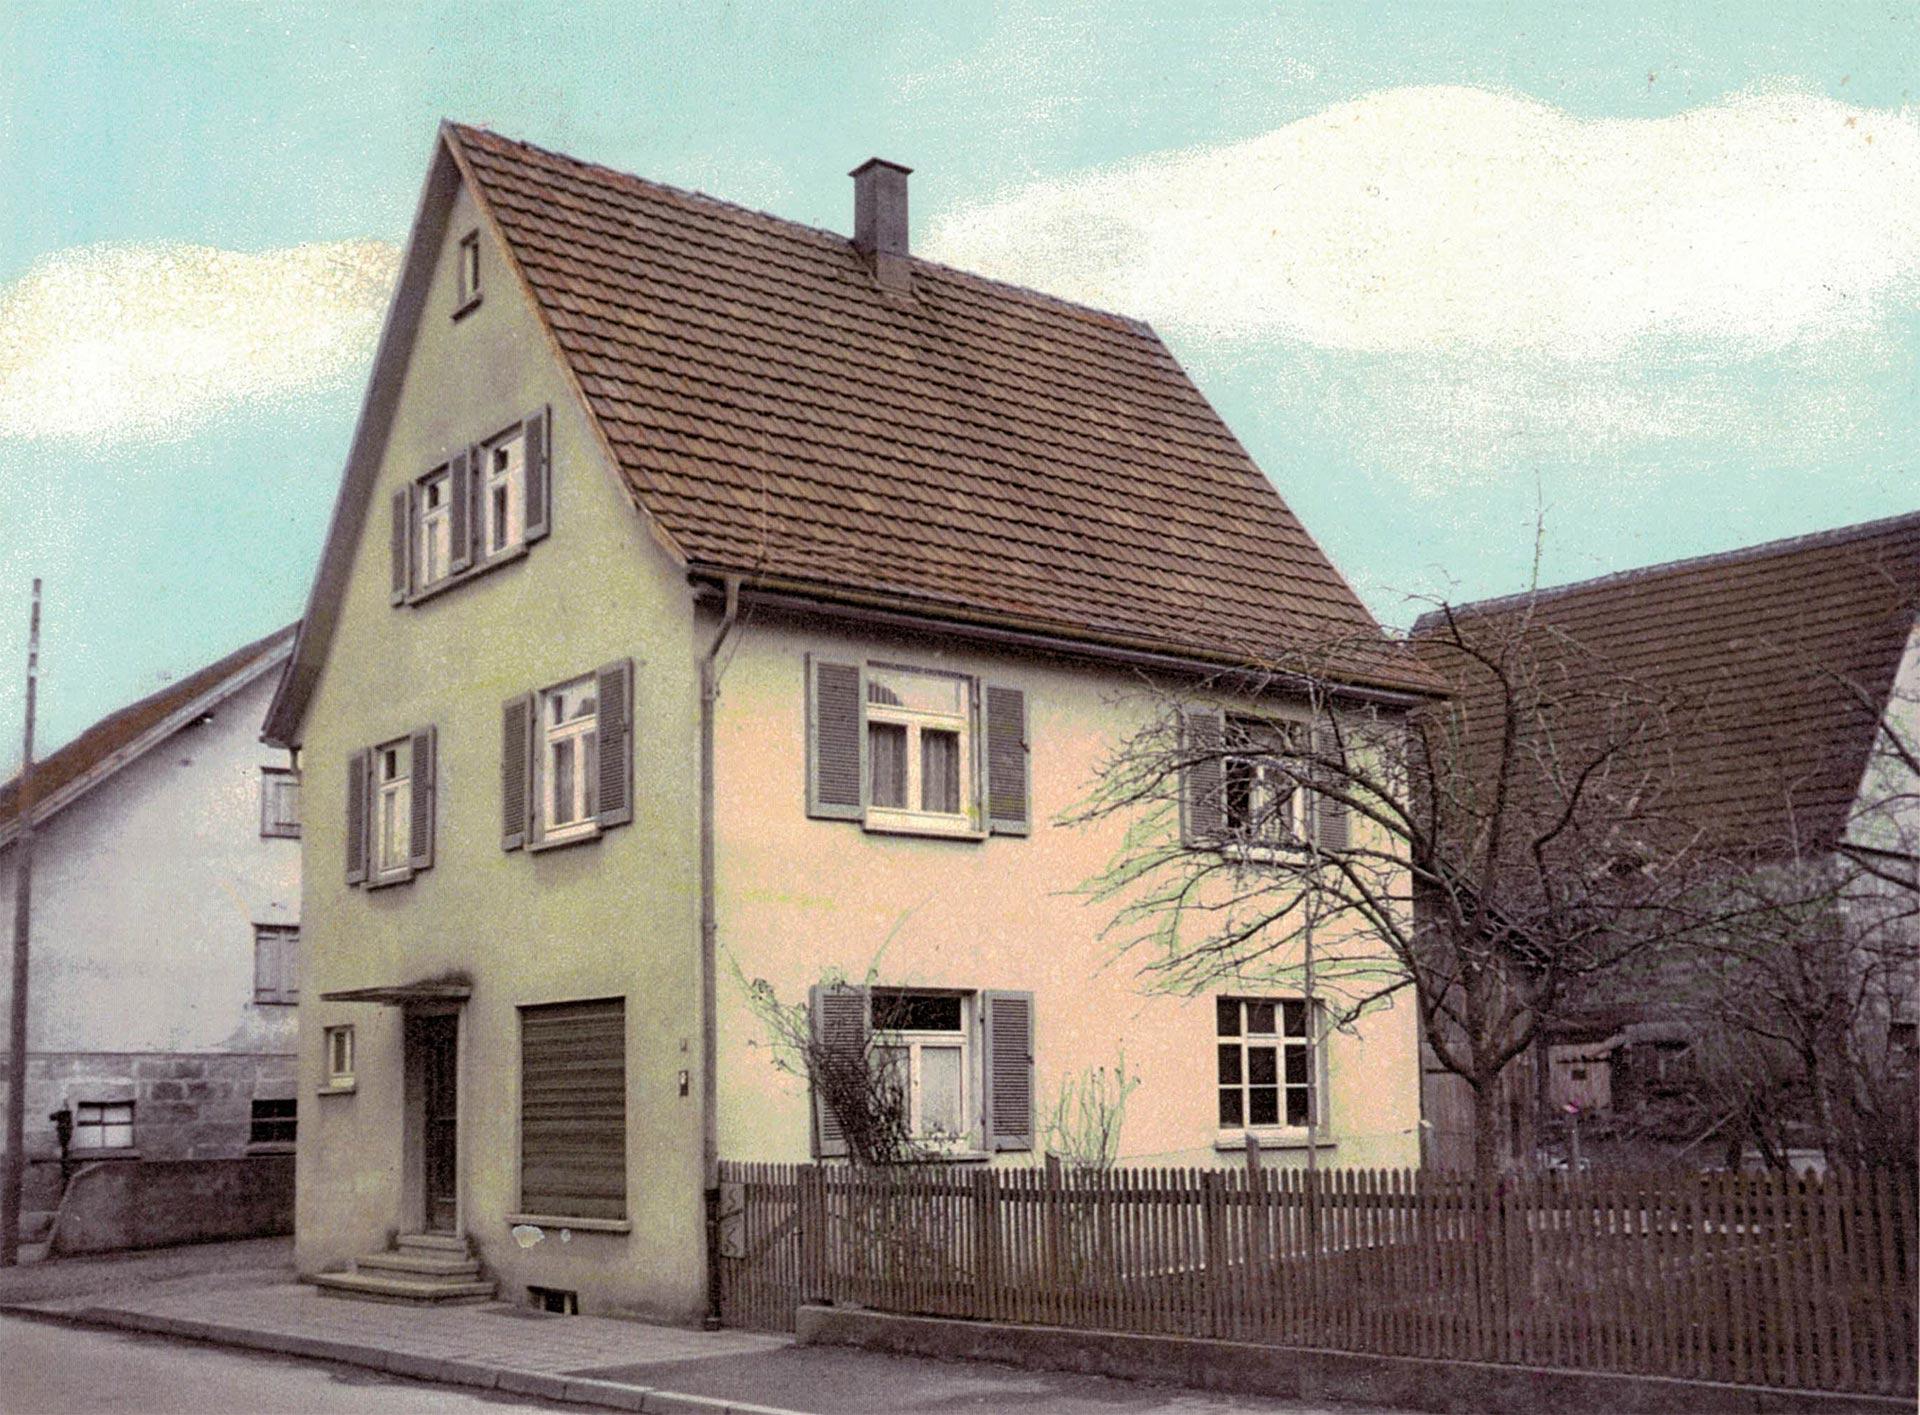 Das alte Gebüde in der Langen Strasse 9 in Filderstadt Sielmingen vor dem Umbau.